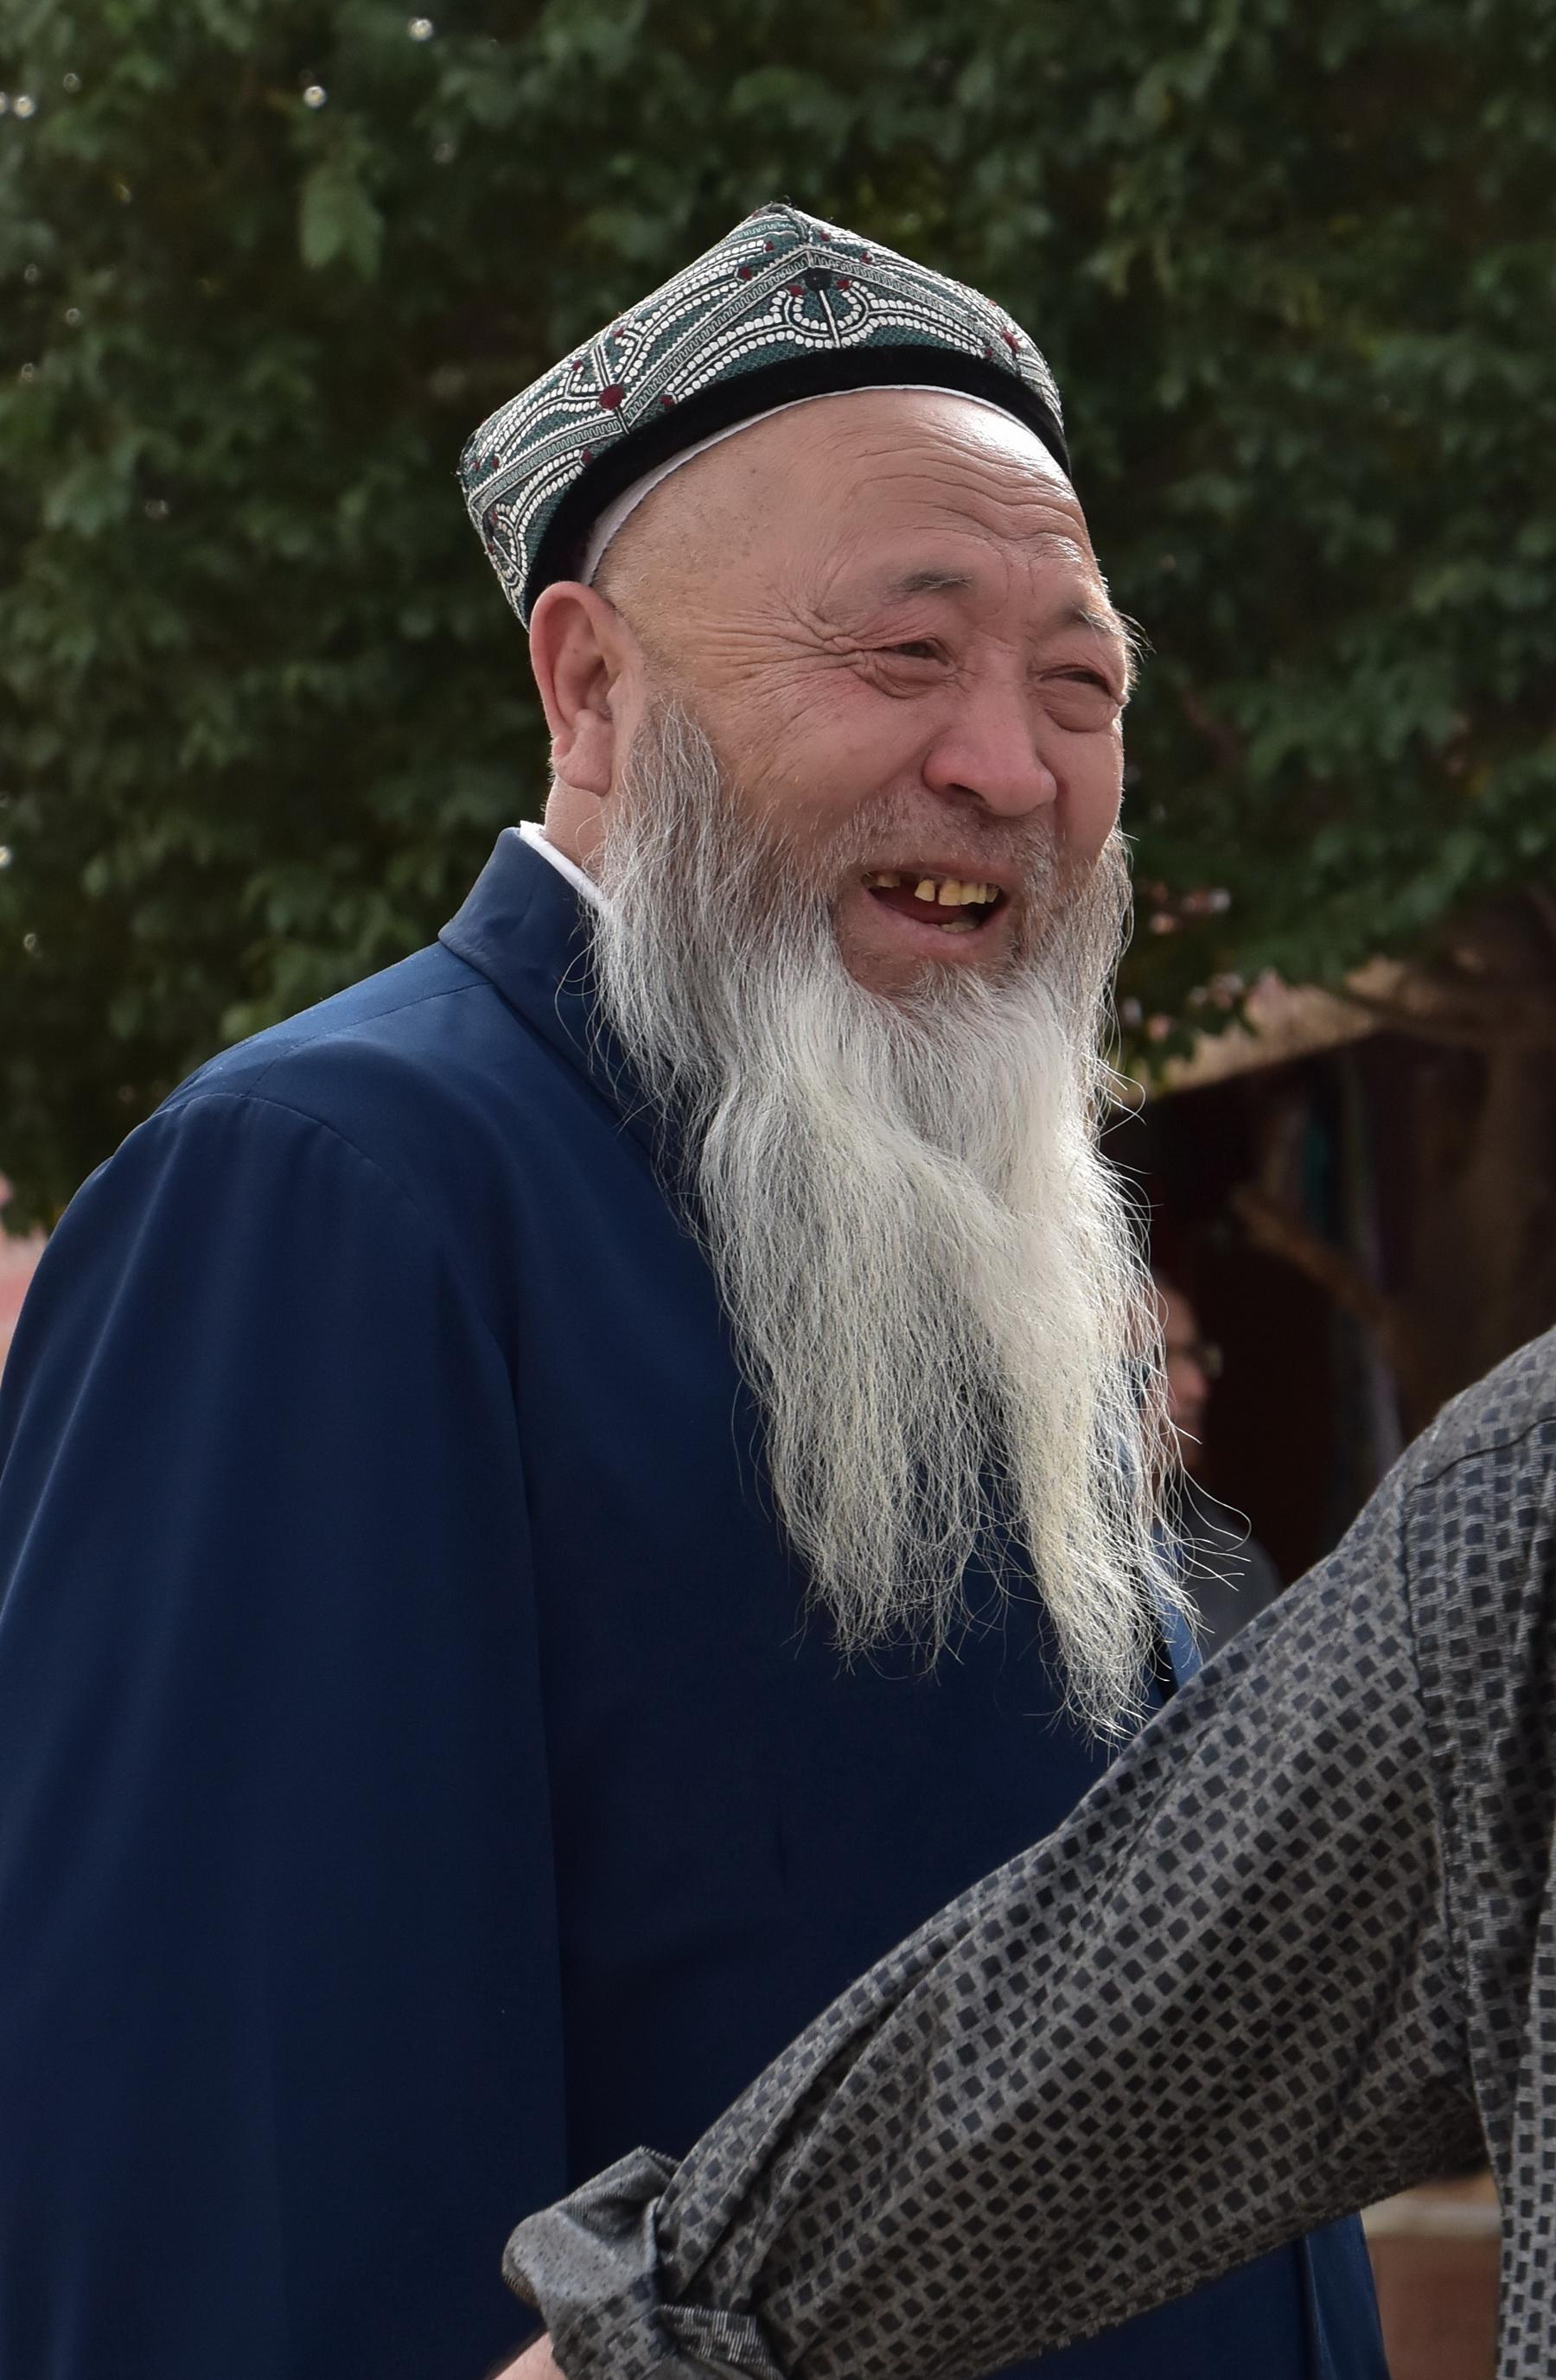 סין - זקן של ממש